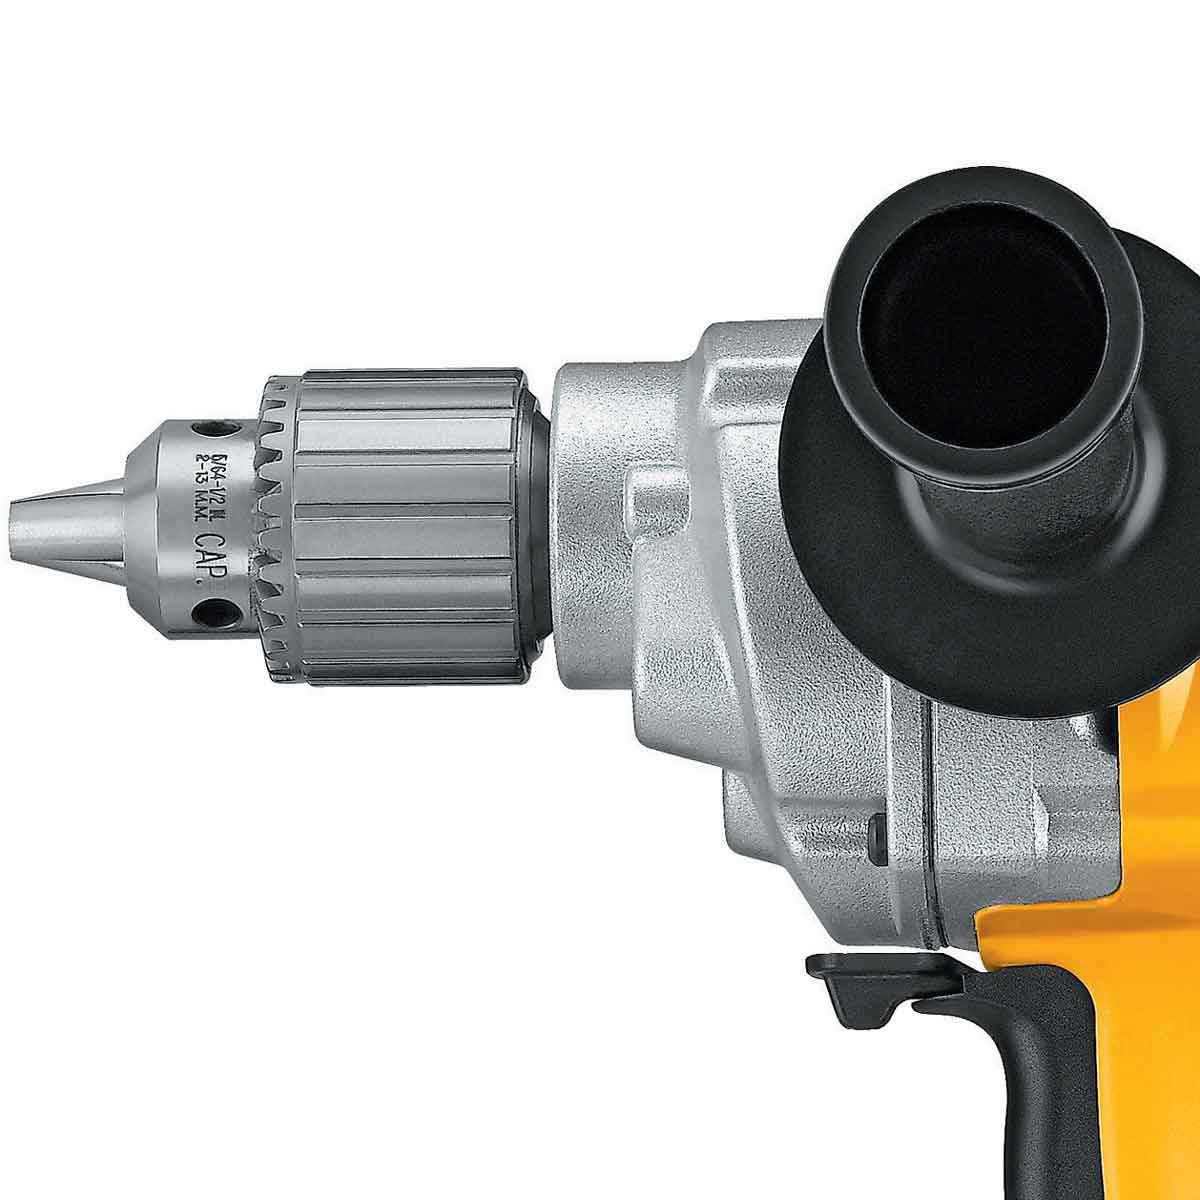 DW130V Dewalt 9 amp mixing drill